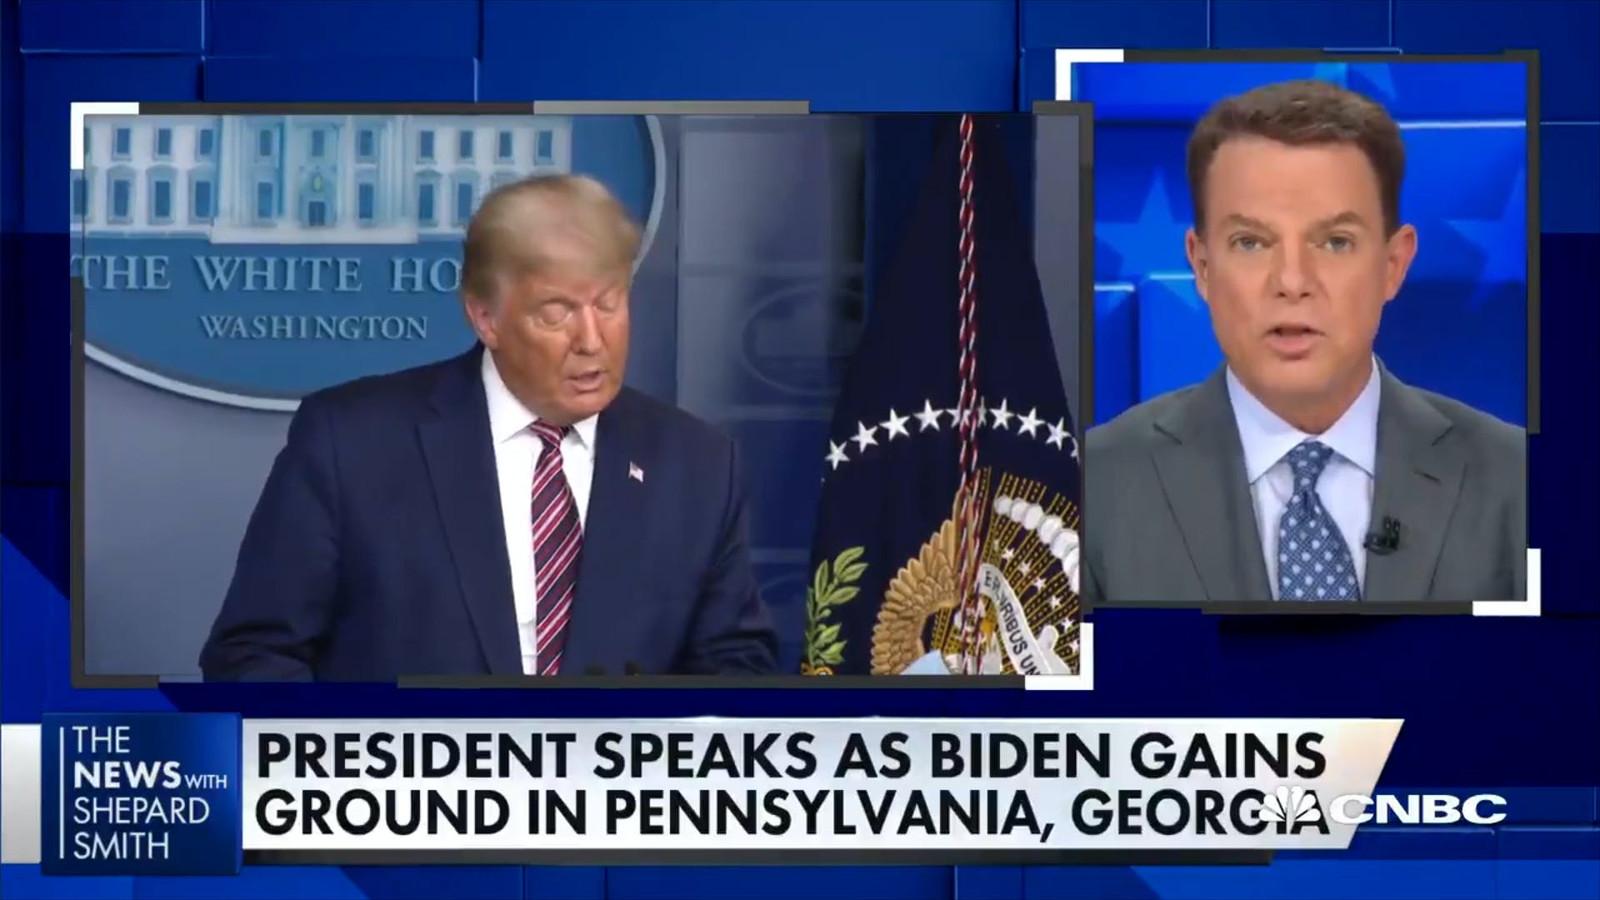 Verschillende Amerikaanse nieuwszenders hebben vannacht een persconferentie van president Trump afgekapt omdat hij onwaarheden verkondigde